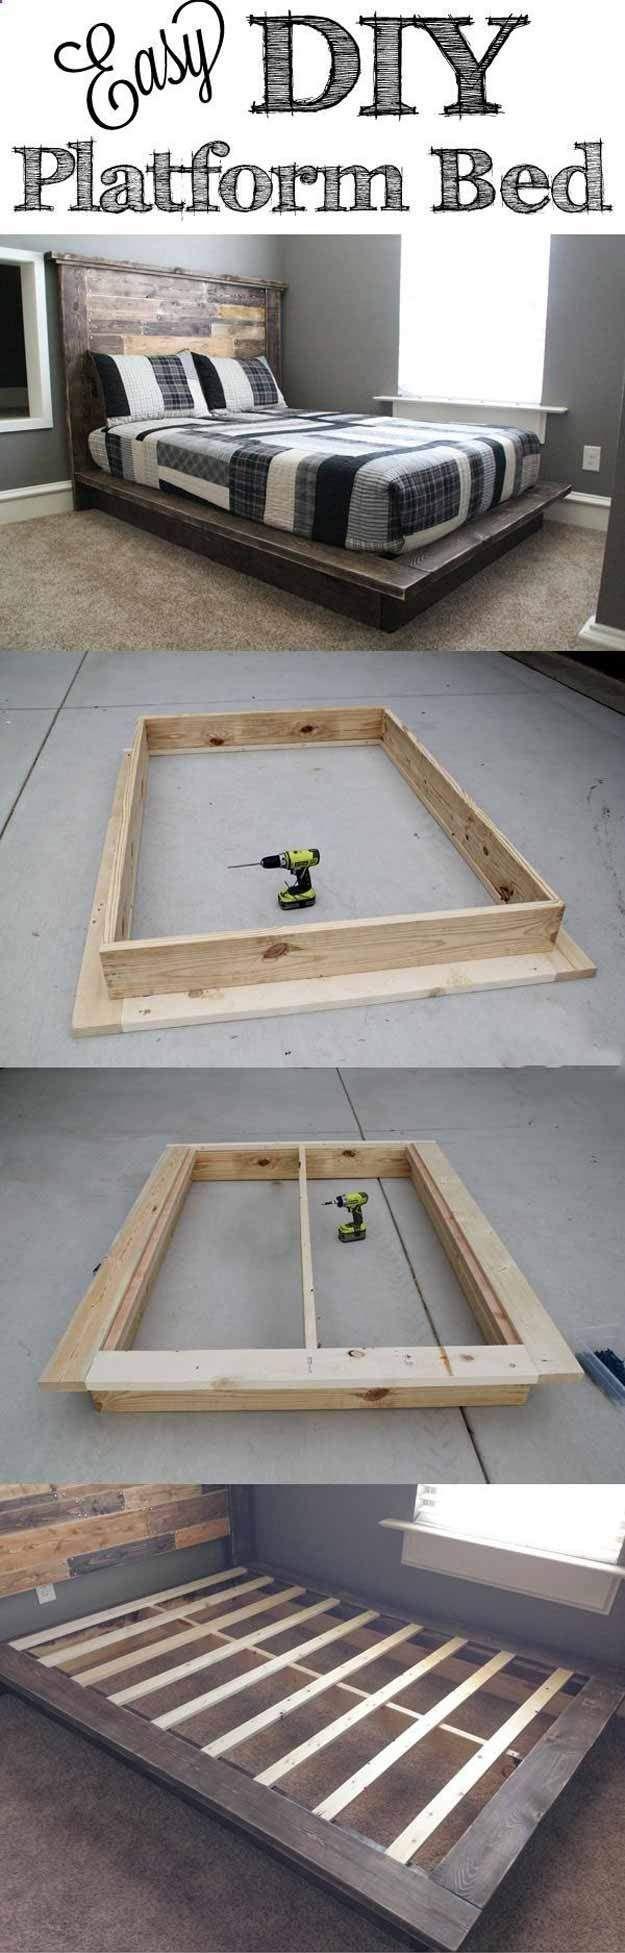 Diy Easy Platform Bed